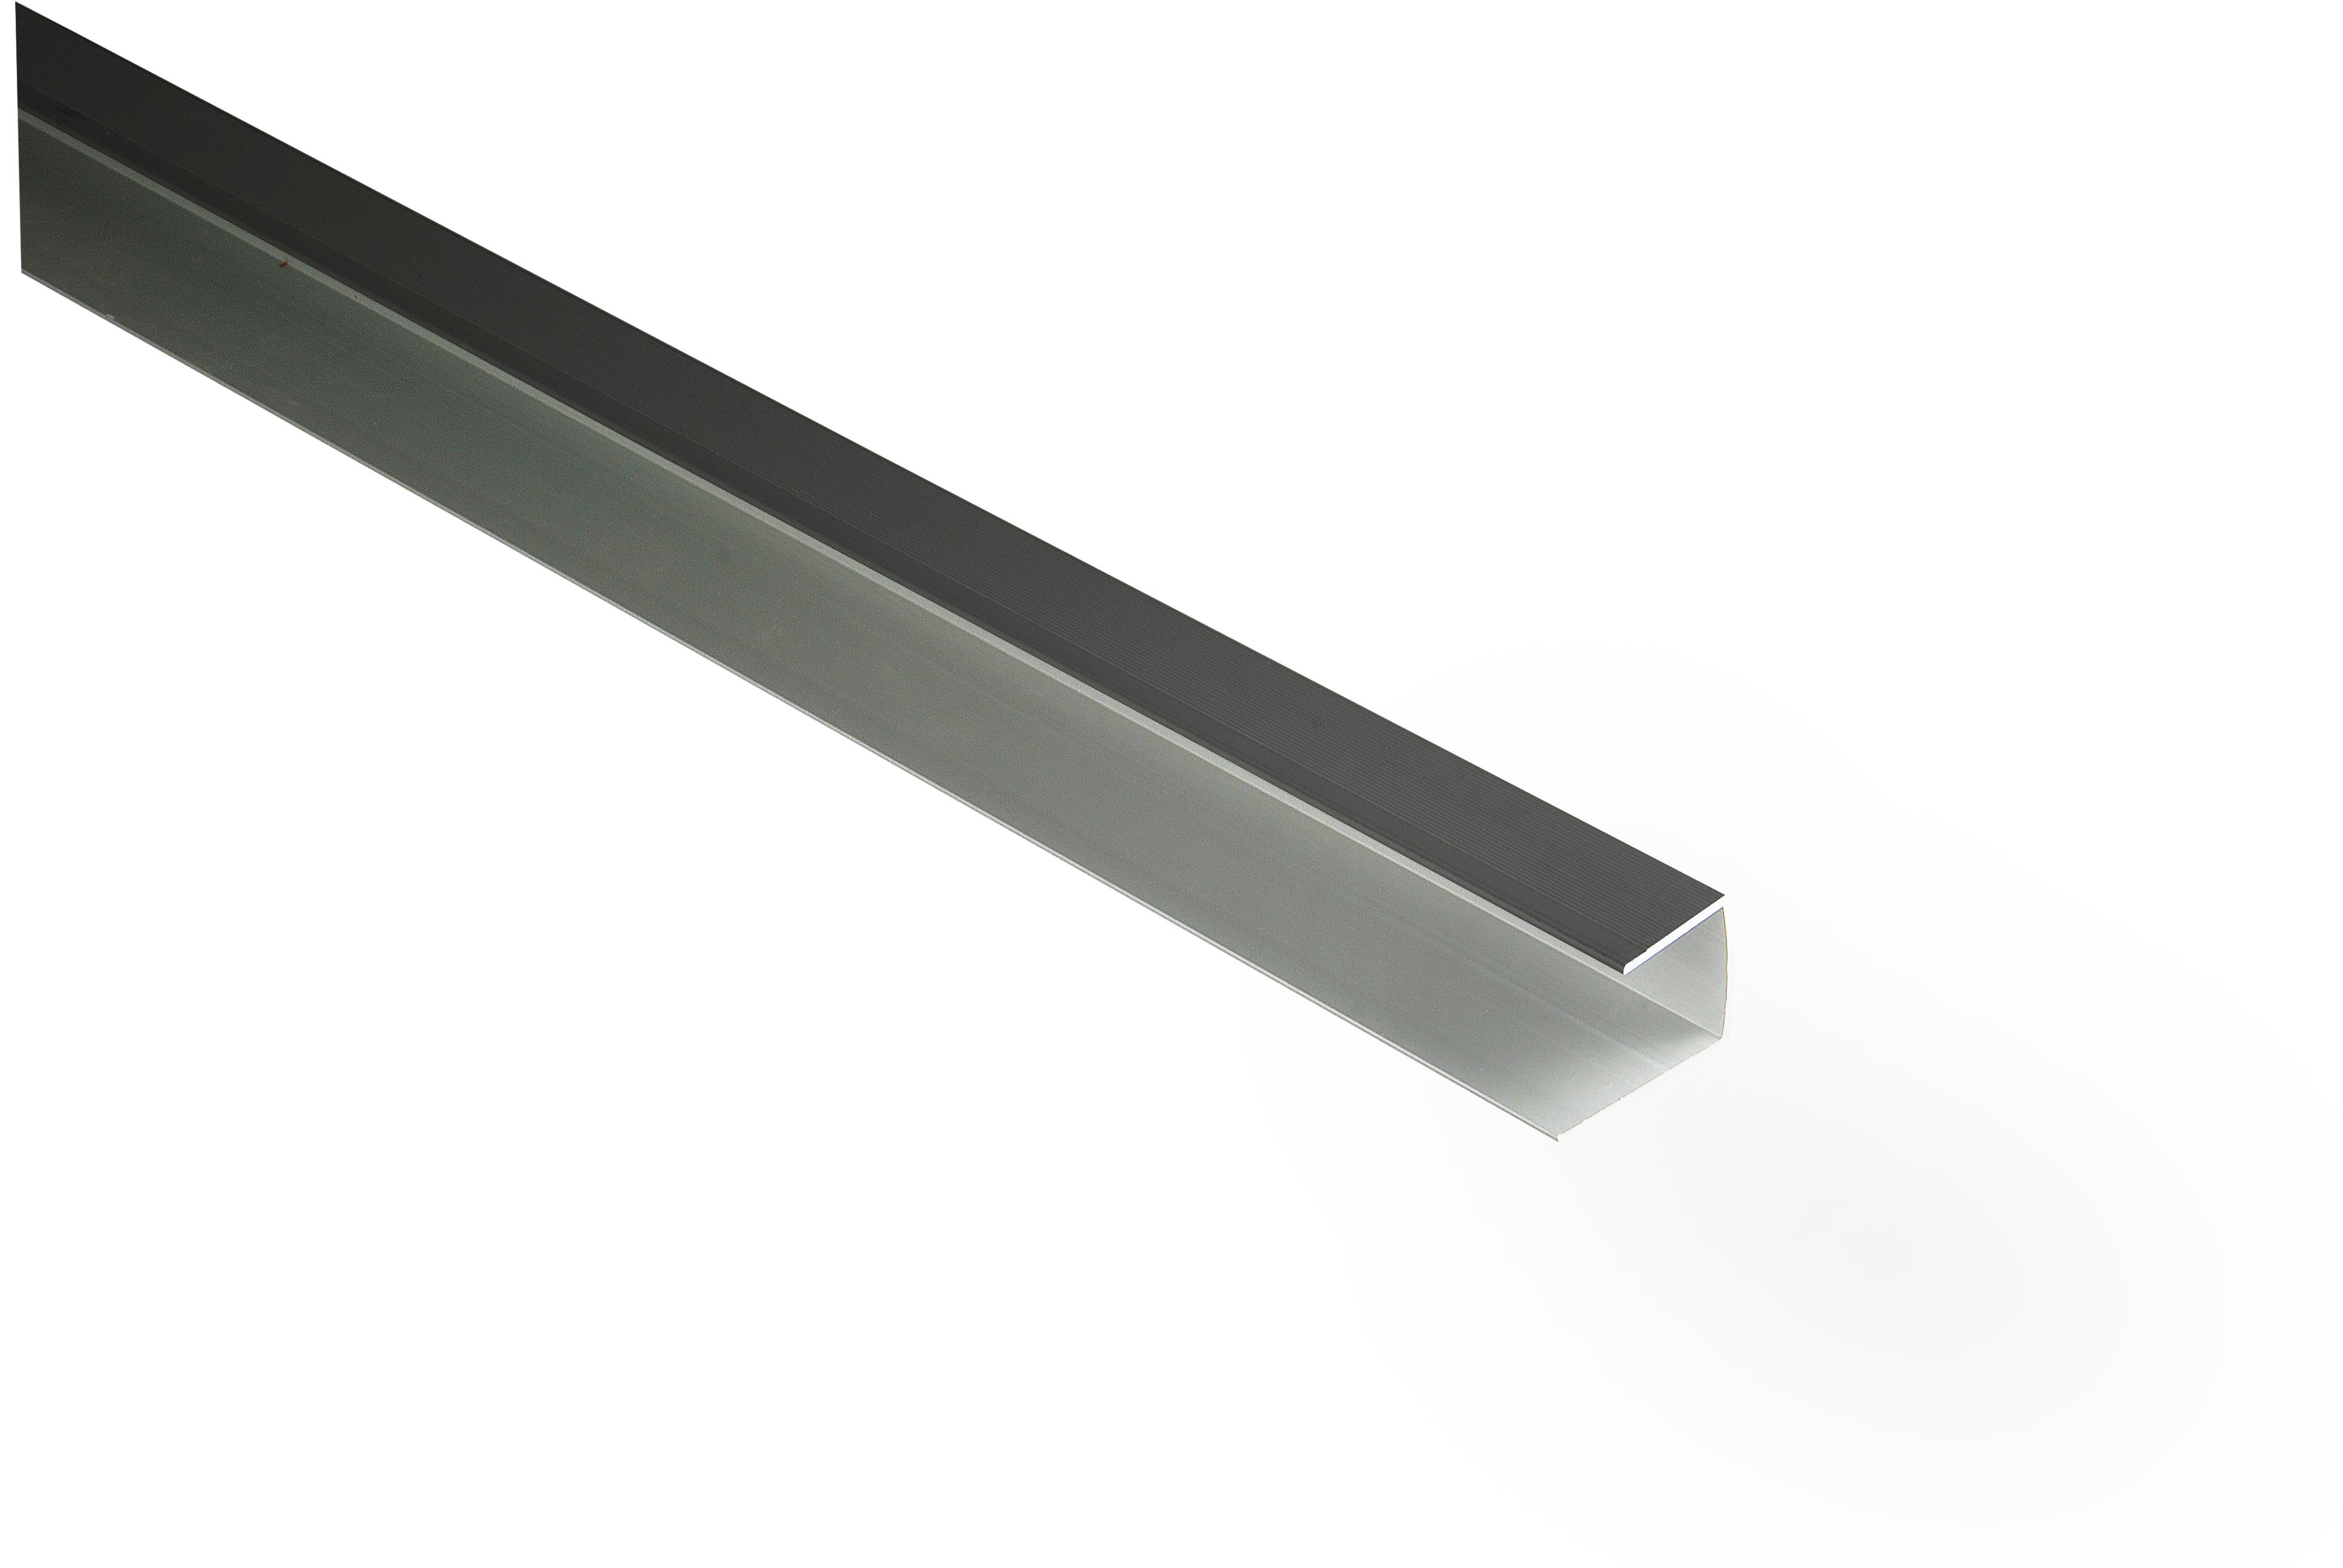 Kovalex Aluminium-Einfassprofil (U-Profil) für 20 mm Dielen - Farbe: Anthrazit